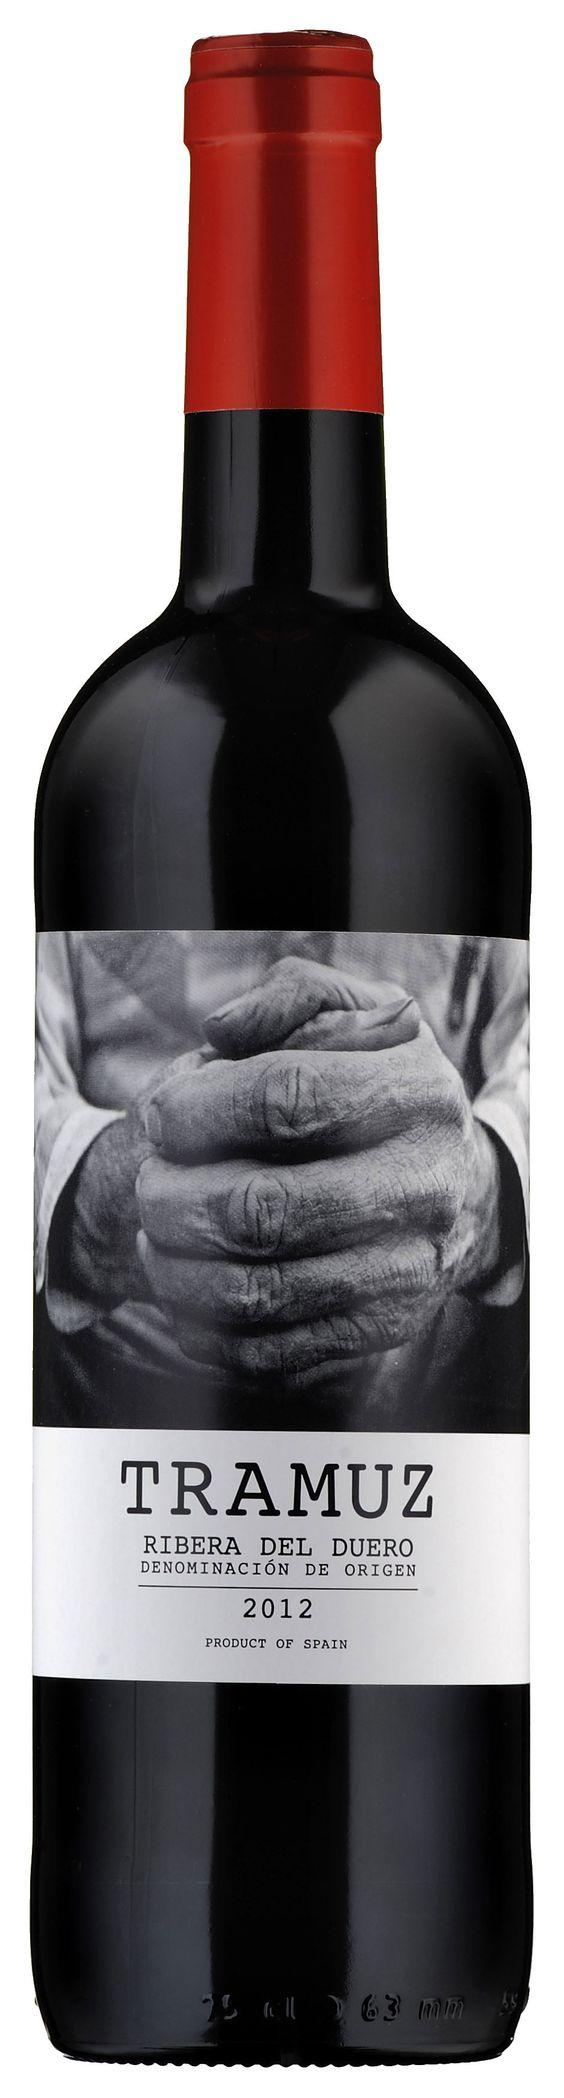 Tramuz 2012.  #vinosmaximum #taninotanino